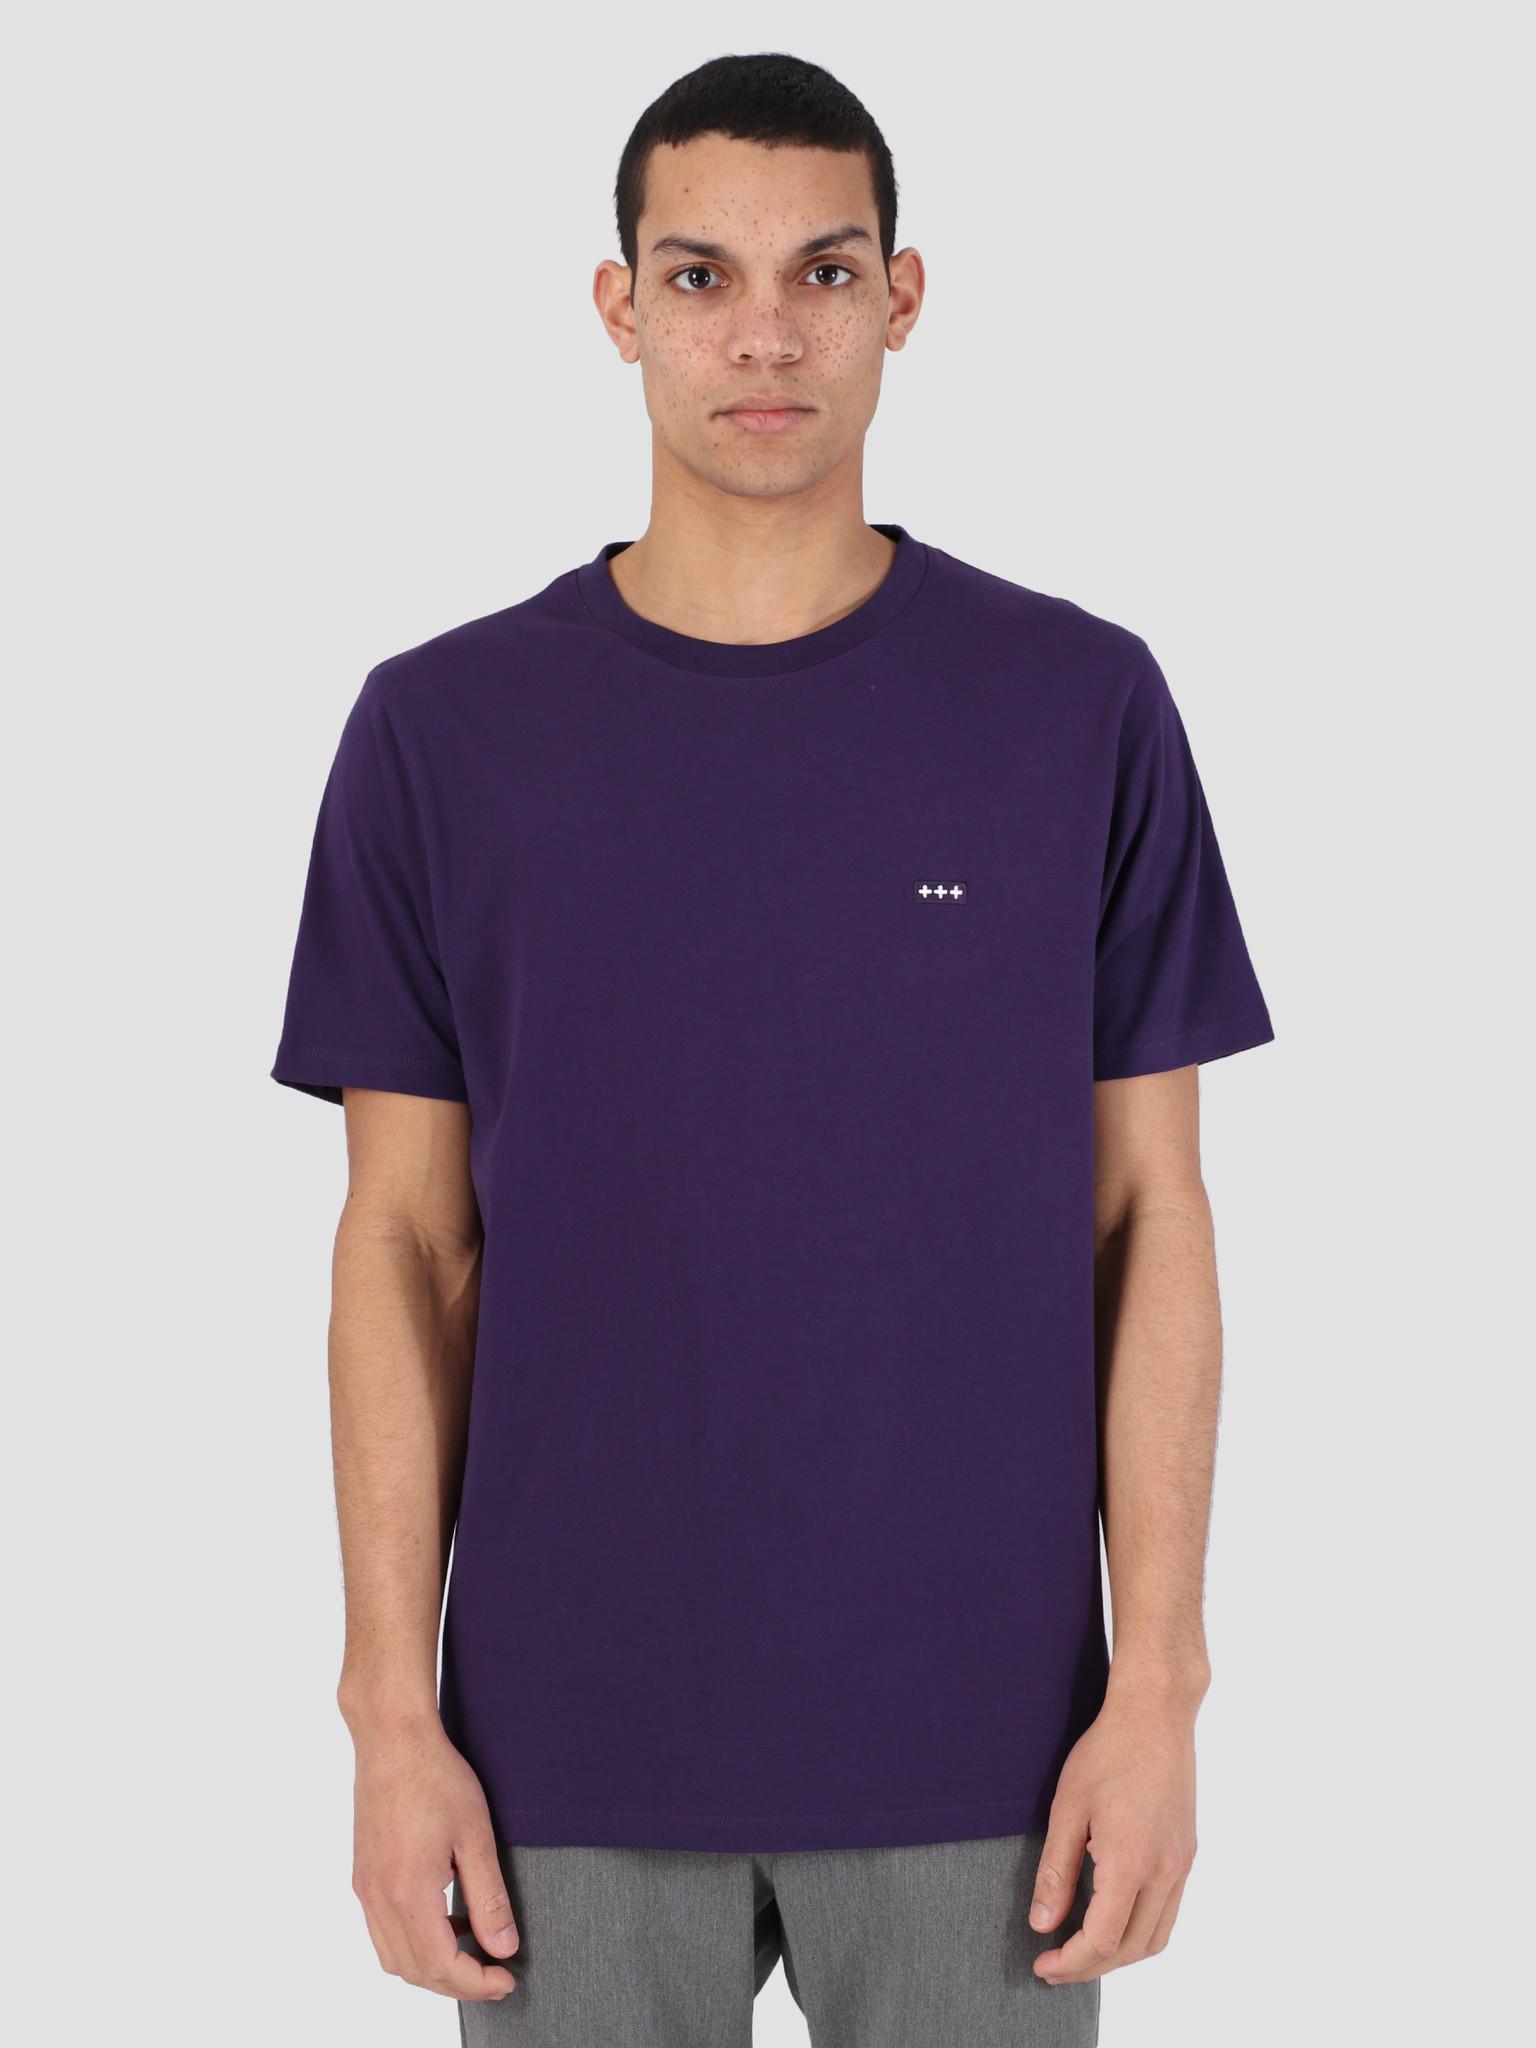 Quality Blanks Quality Blanks QB03 Patch Logo T-Shirt Egg Plant Purple